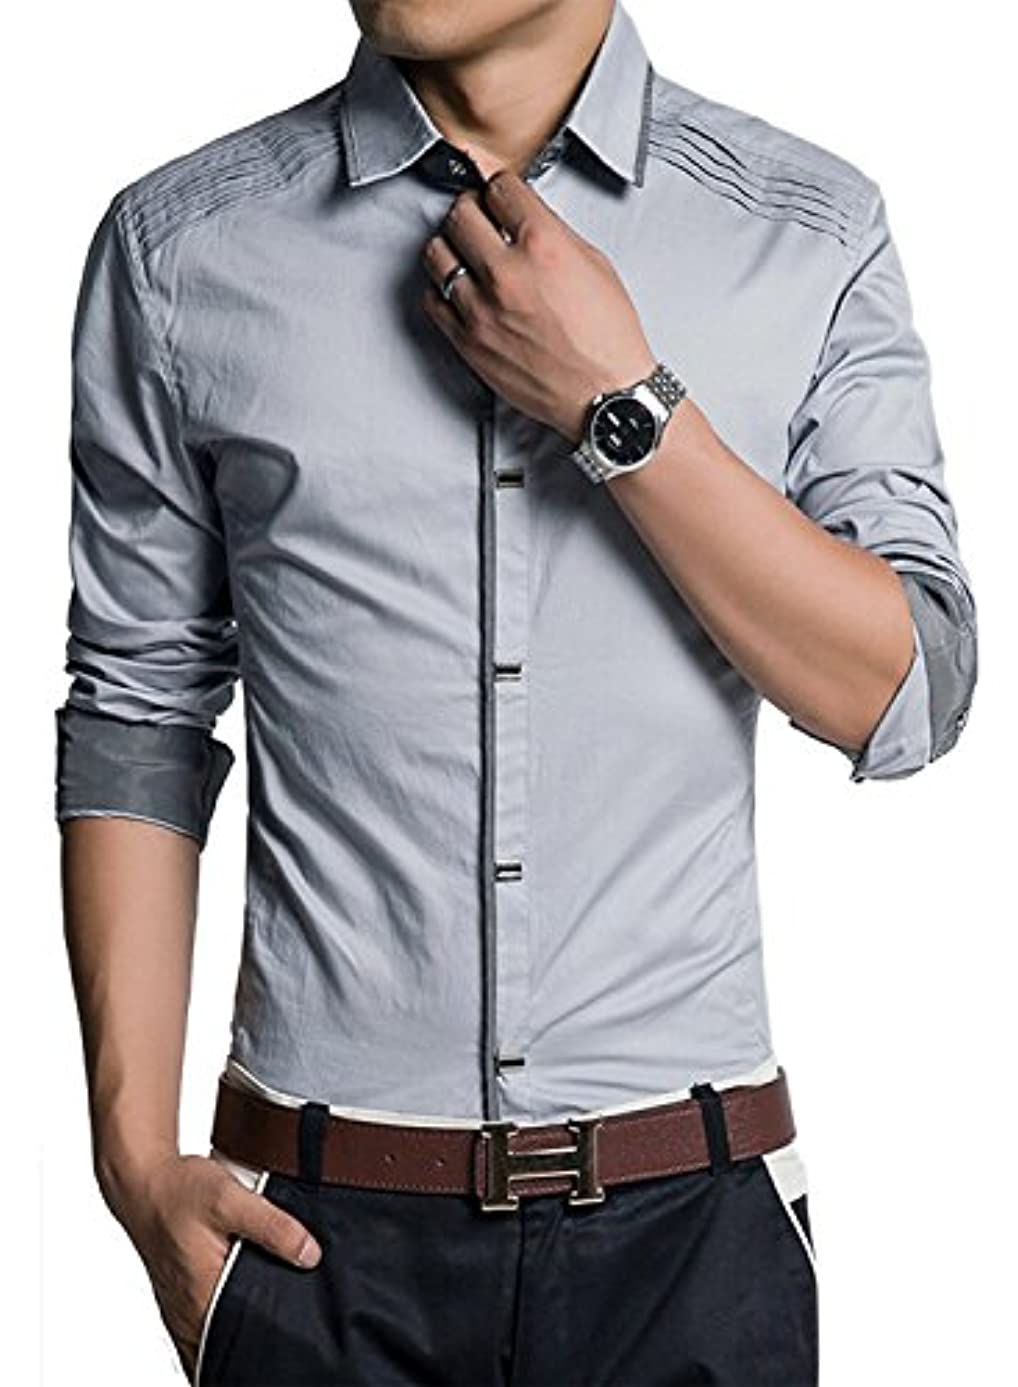 興味樫の木ラケット(アザブロ) AZBRO メンズ 長袖ワイシャツ 綿高率 ゴージャス 純色 長袖 ボタンアップ シャツ豊富な5サイズ